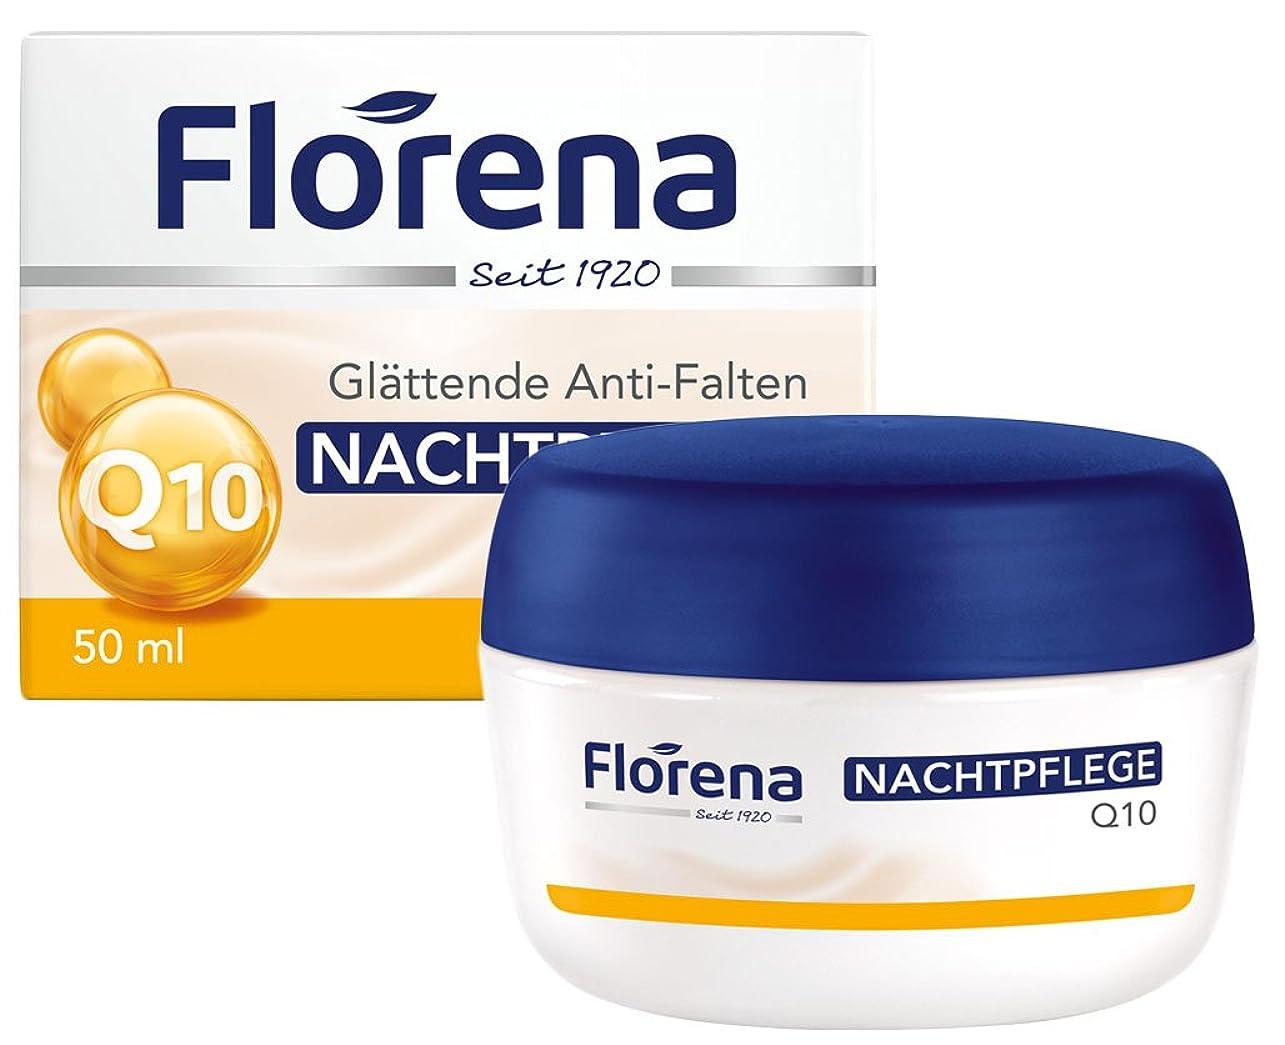 通常熱心な有料Florena(フロレナ) フェイス ナイトクリーム コエンザイムQ10